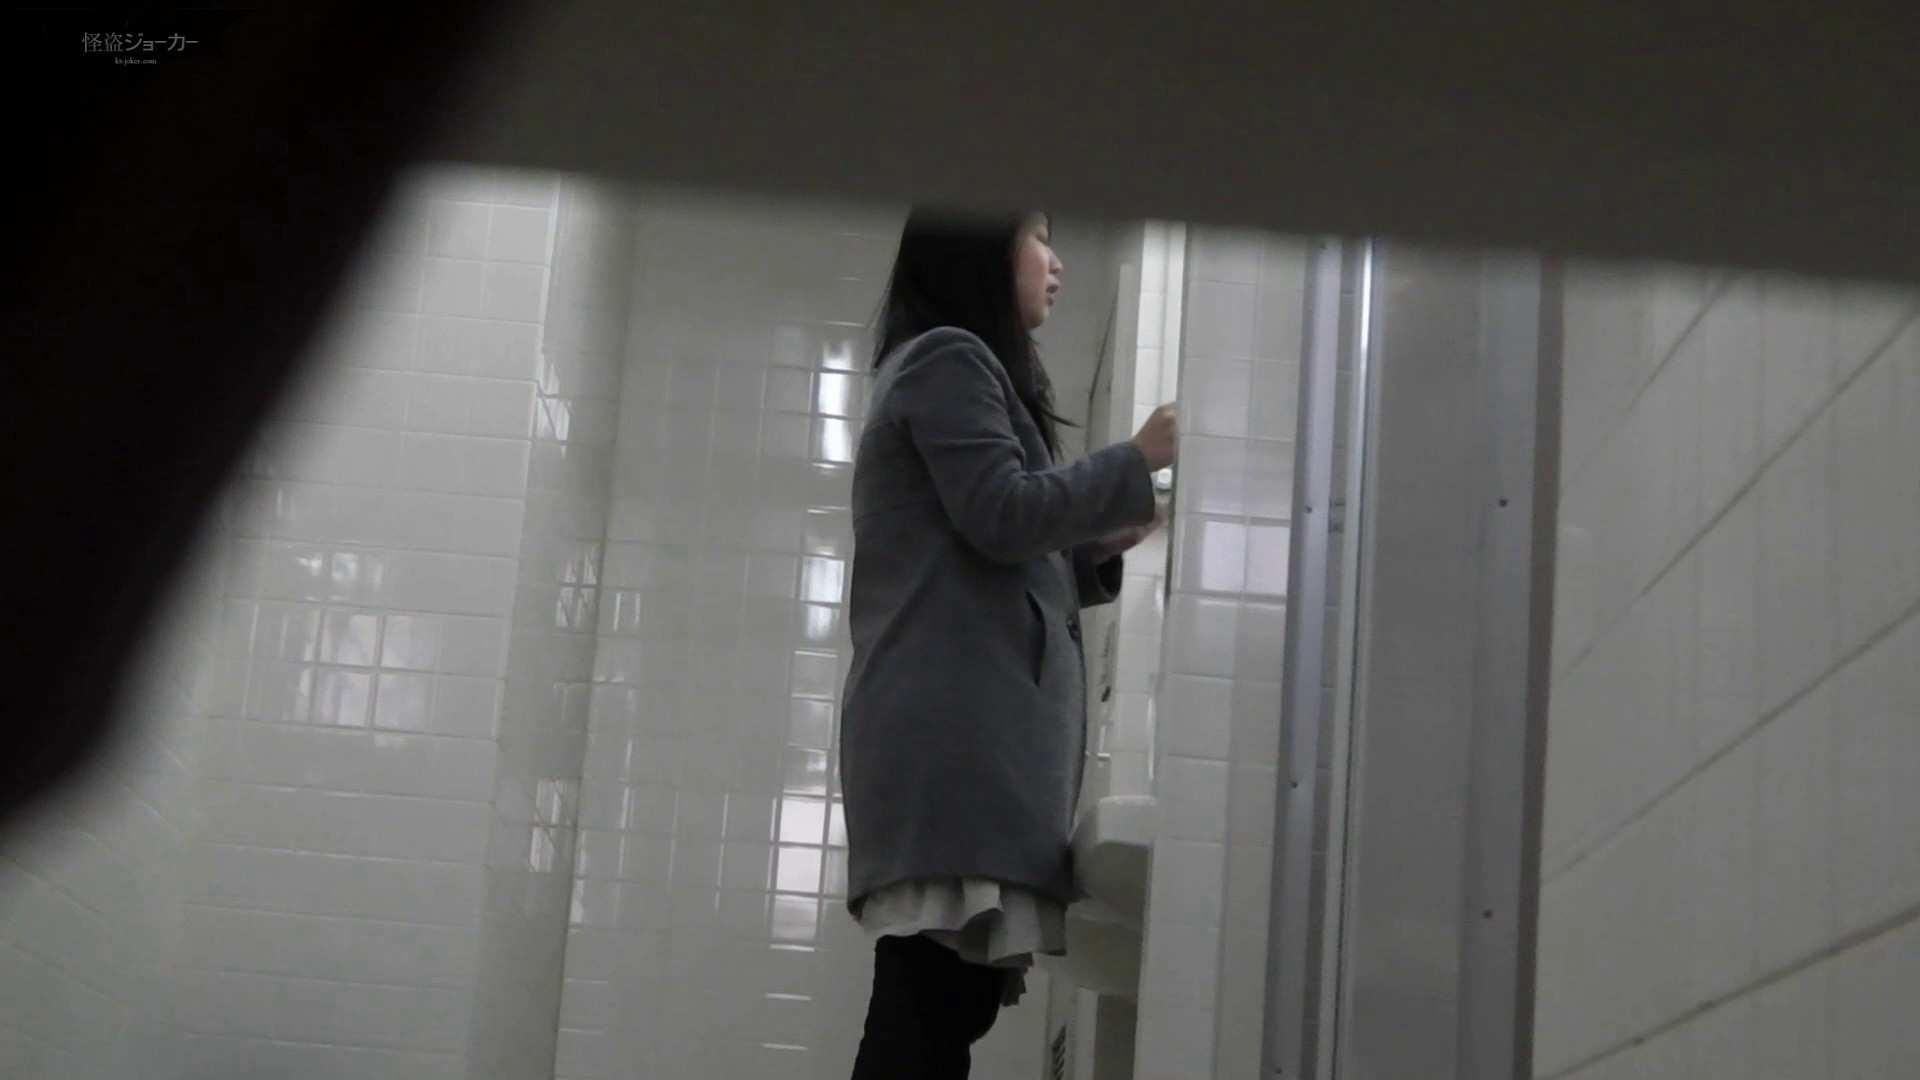 無修正おまんこ動画|「洗面所突入レポート!!」vol.56まず並ぶ所から!決して真似しないでください|怪盗ジョーカー